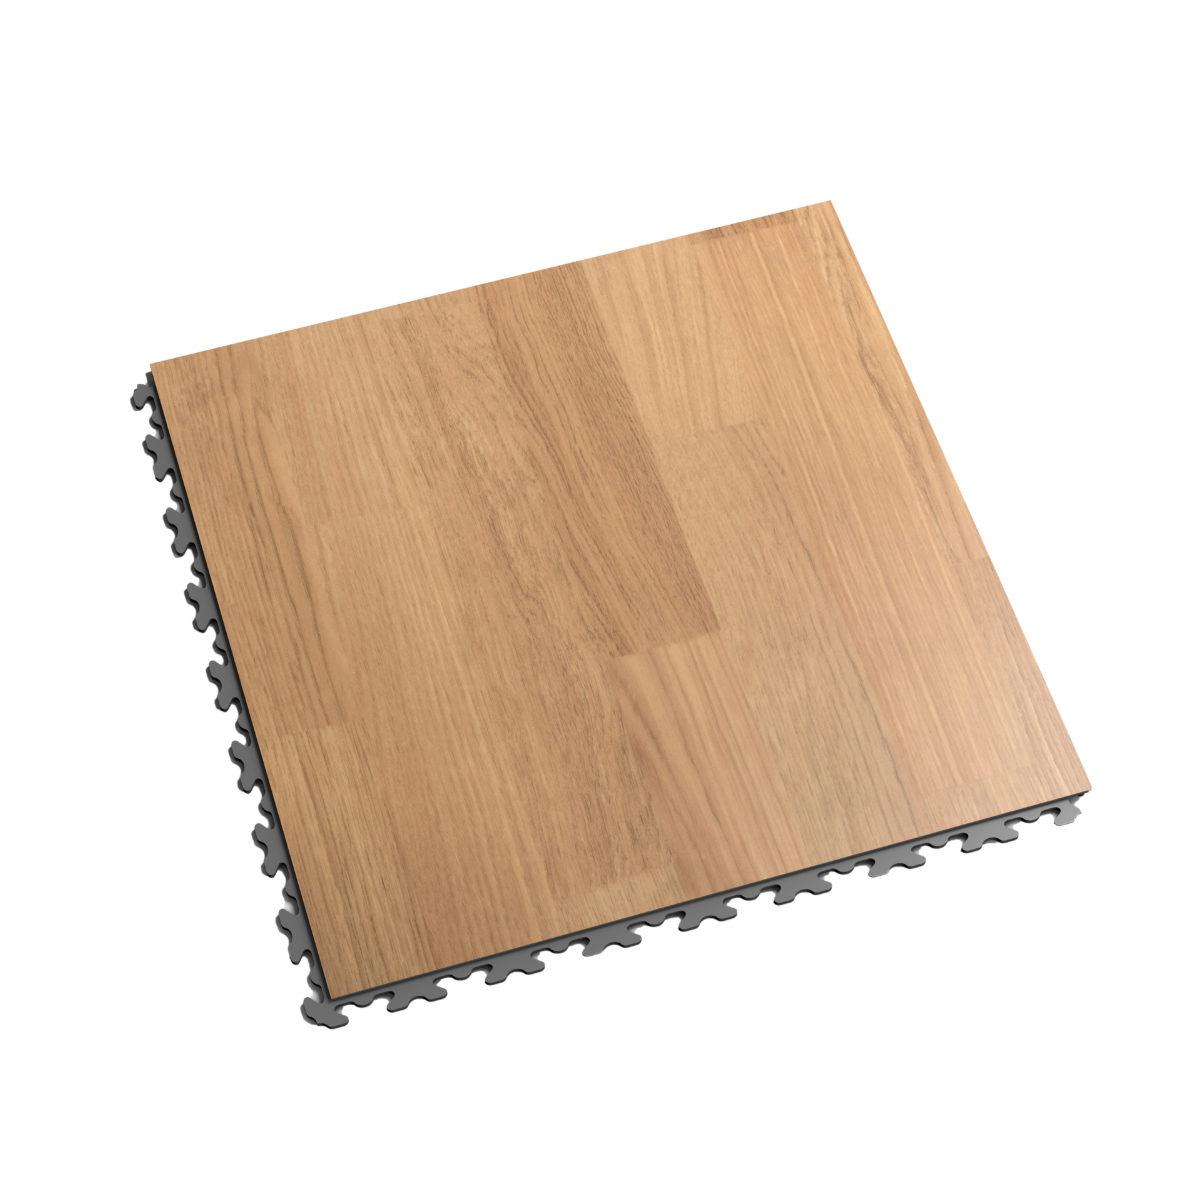 pvc-fliese-boden-platte-jp-home-decor-wood-holzlook-verdeckte-verbindung-wohnrñume-gewerbe-1